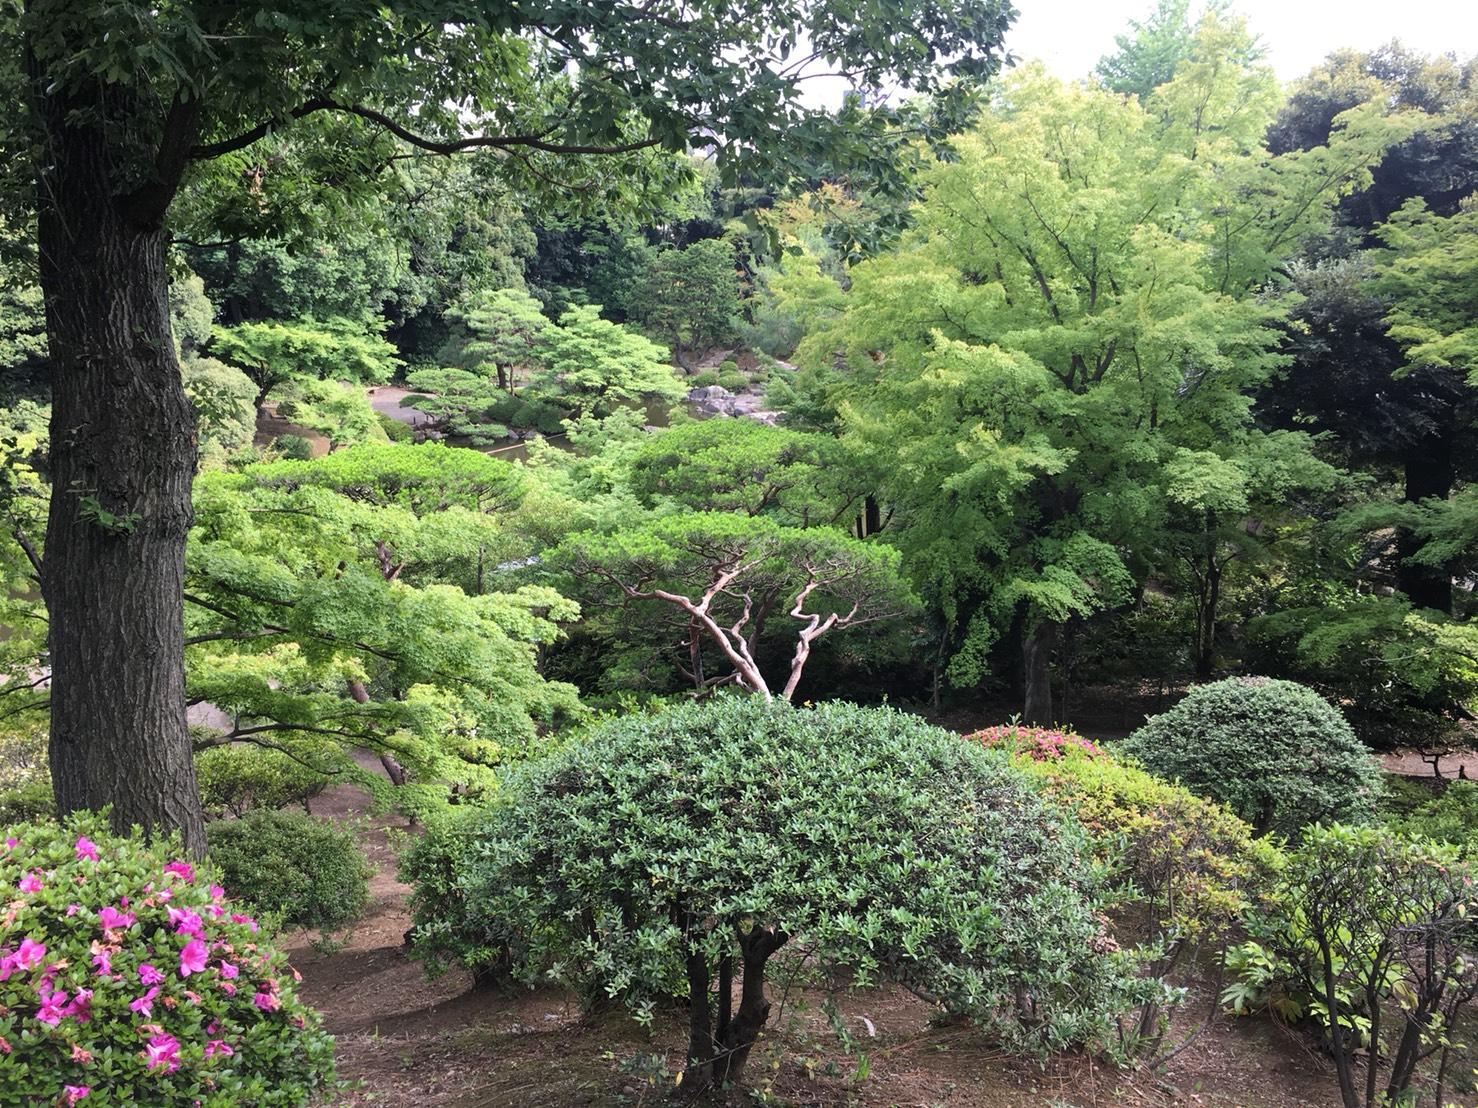 【上中里駅】バラが咲き誇る日英が混ざる庭園「旧古河庭園」の和庭園6